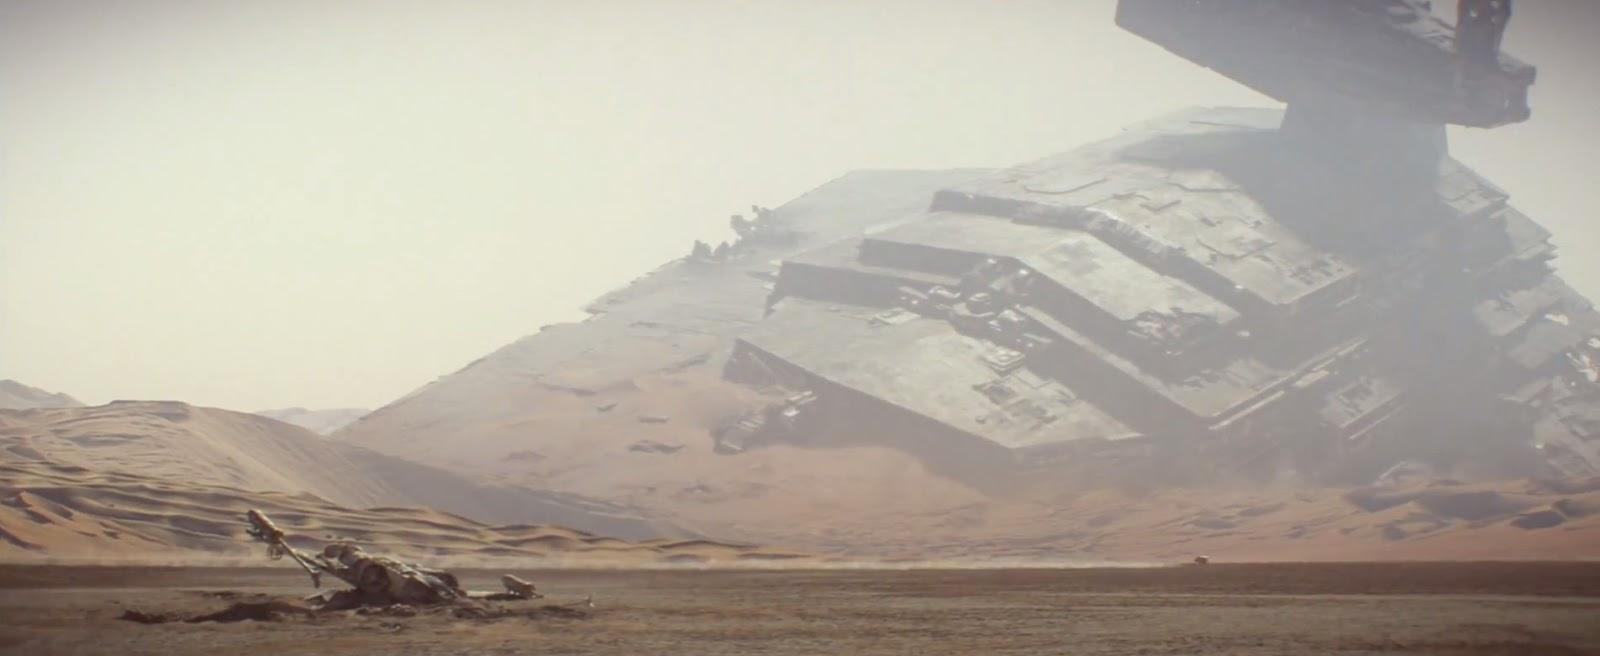 il+risveglio+della+forza+trailer